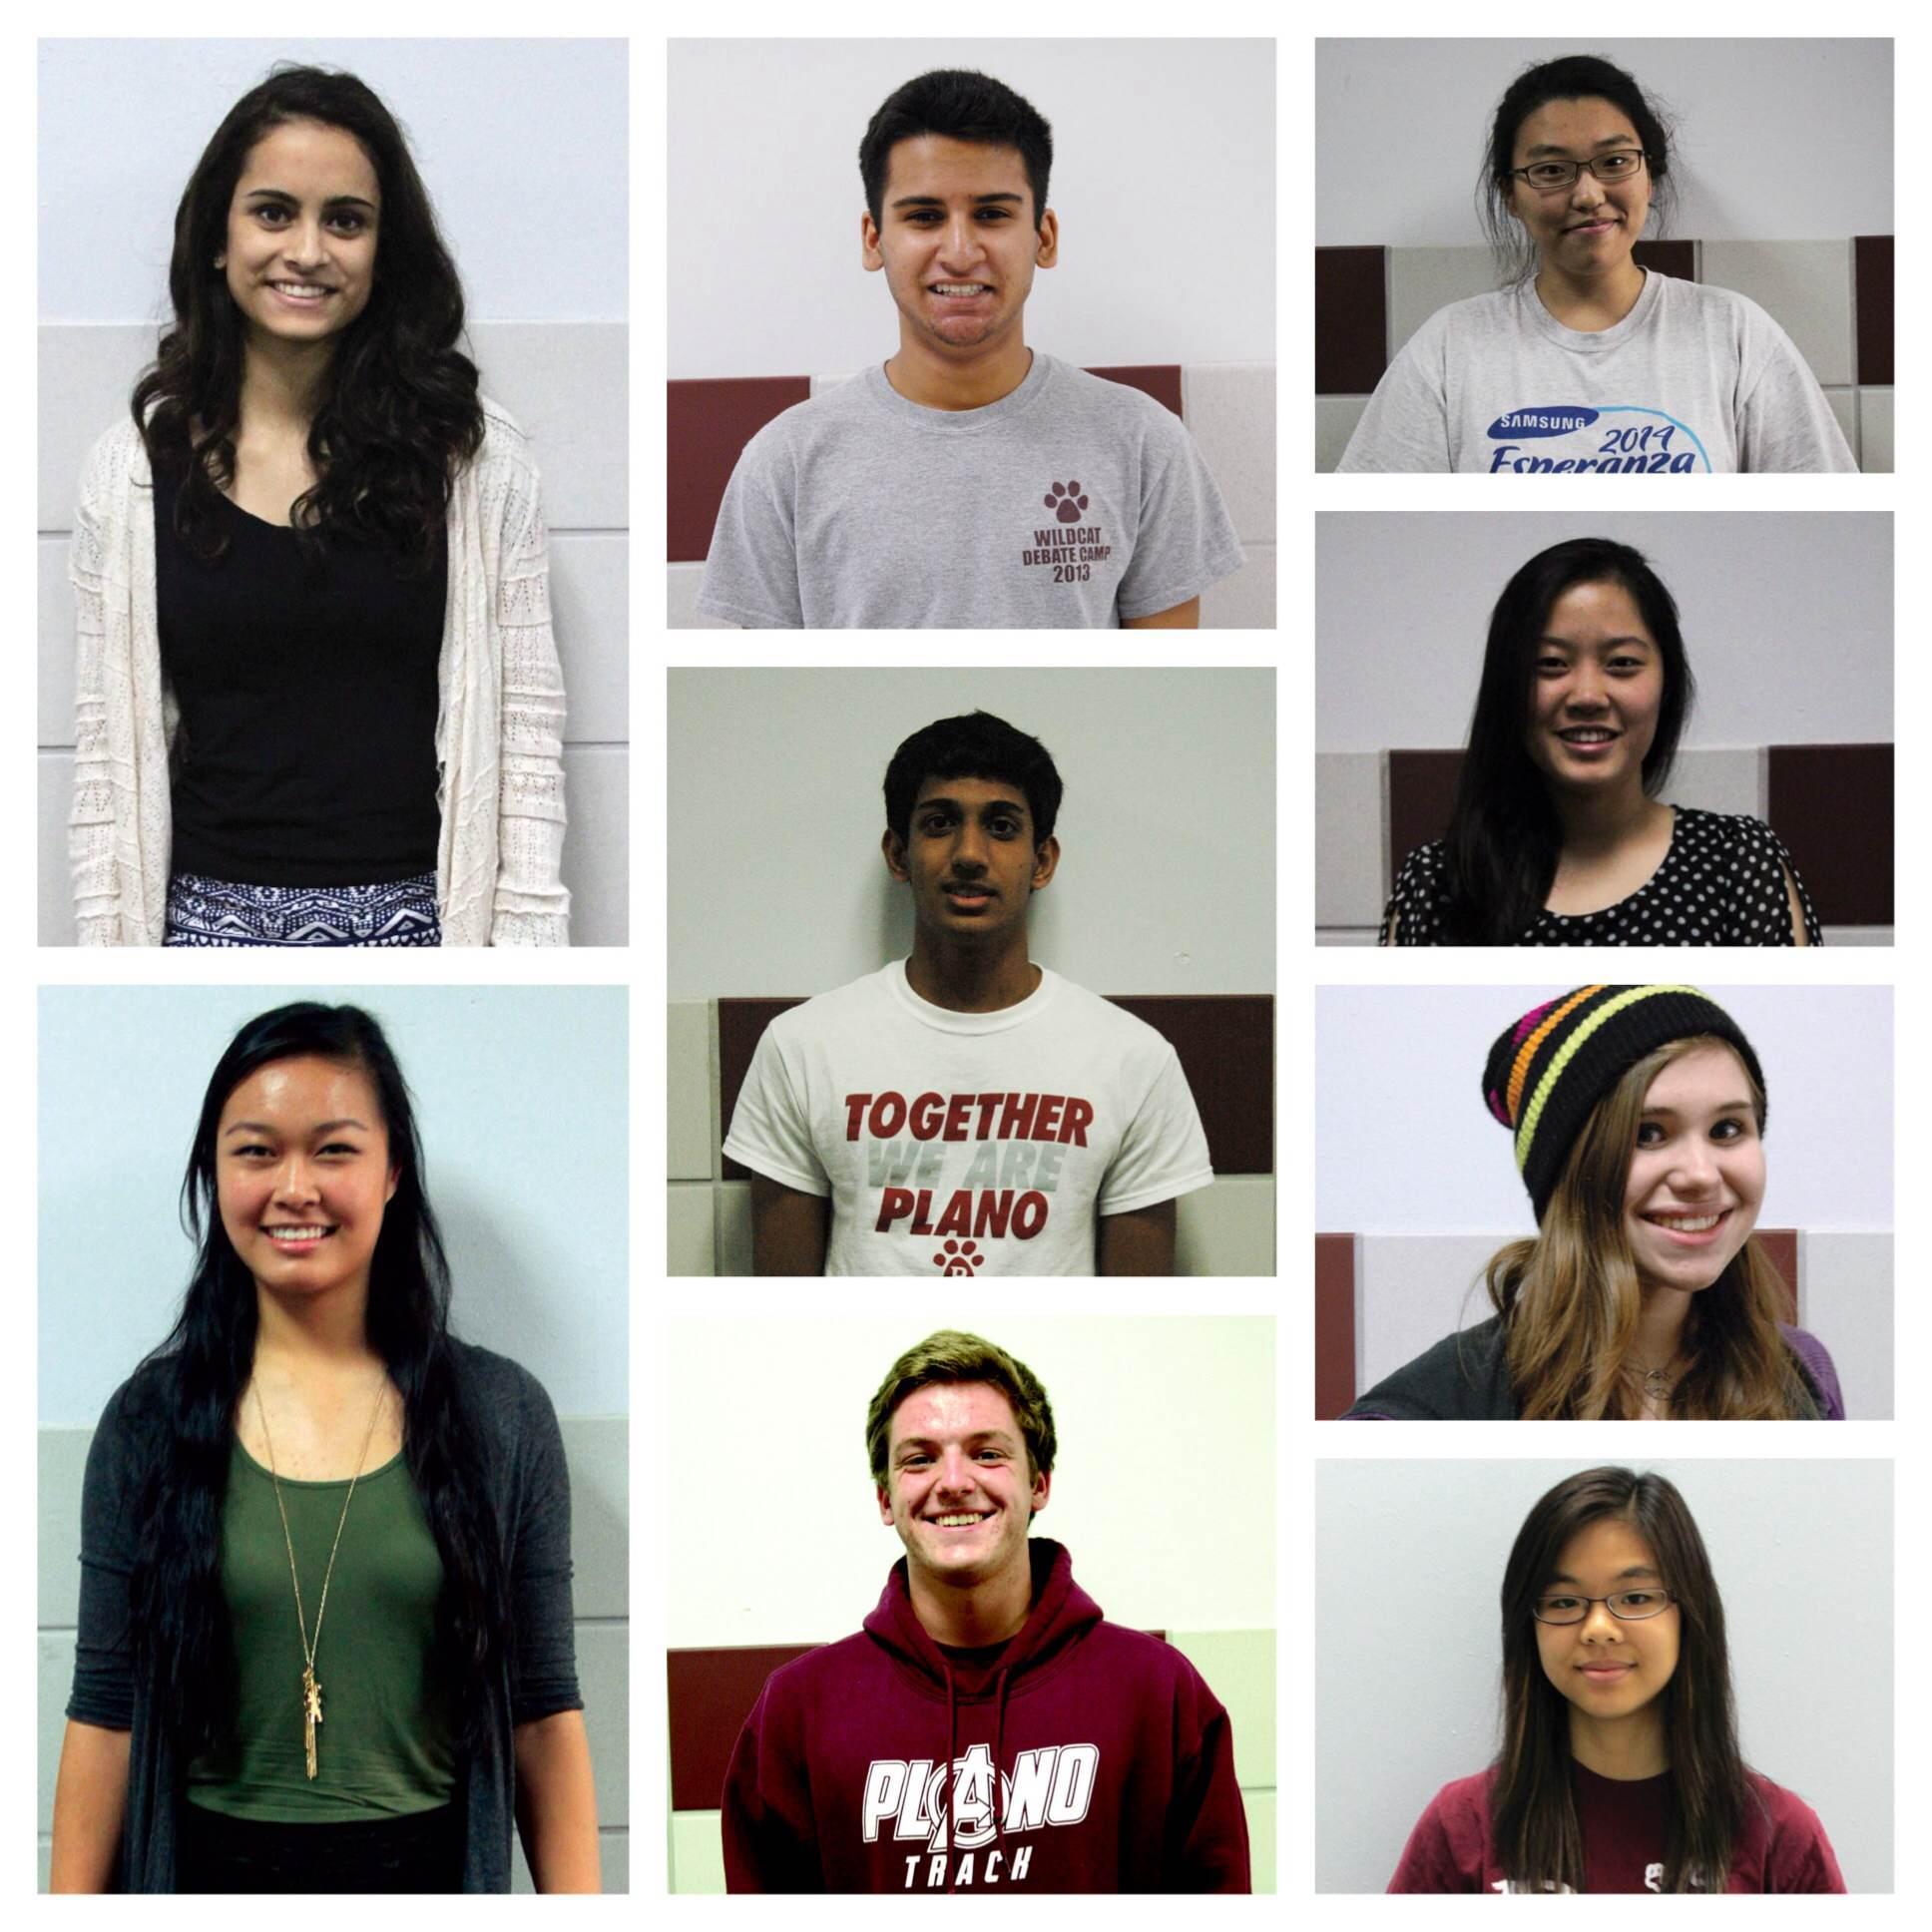 National Merit semifinalists reflect on achievement